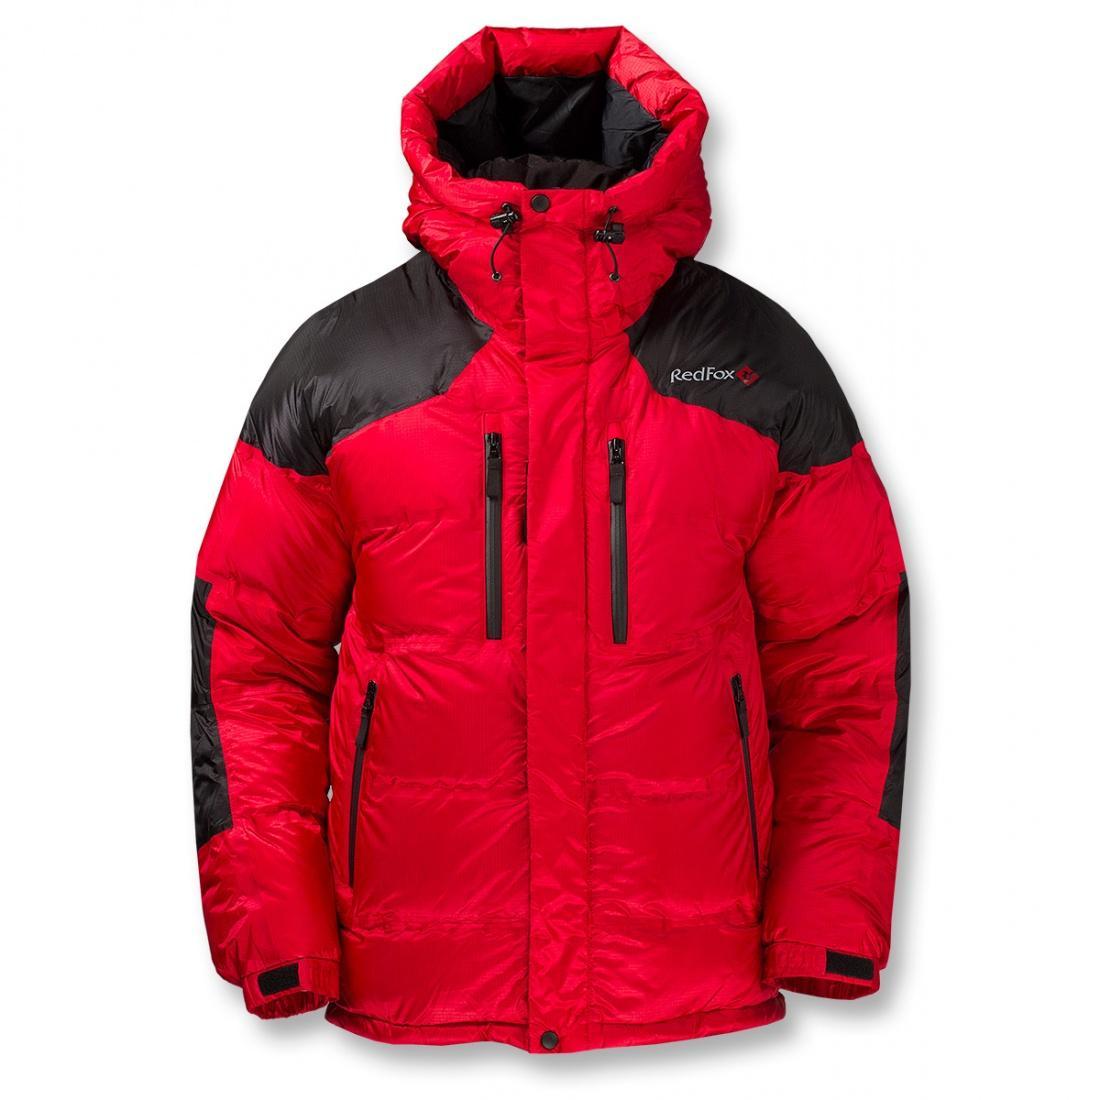 Куртка пуховая Extreme IIКуртки<br>Куртка из мембранных материалов для экстремальных условий. <br><br><br>Материал: Dry Factor 10000<br> <br>Подкладка: Nylon DP<br>Утеплитель: гус...<br><br>Цвет: Красный<br>Размер: 56